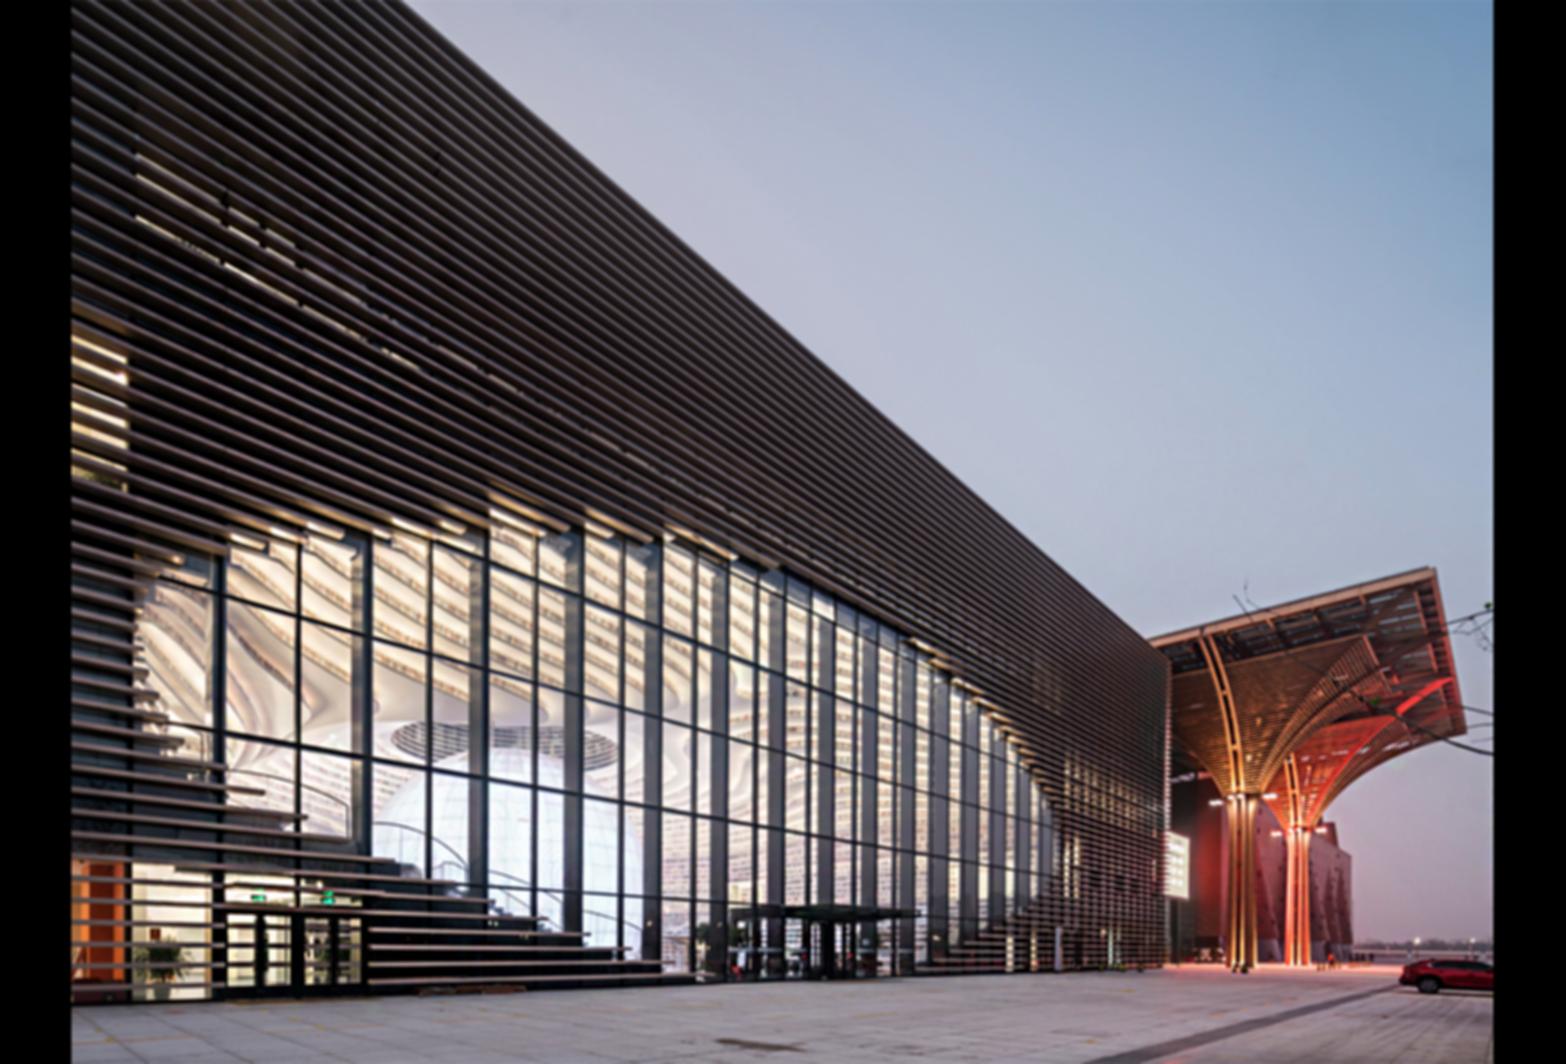 Tianjin Binhai Library - Exterior